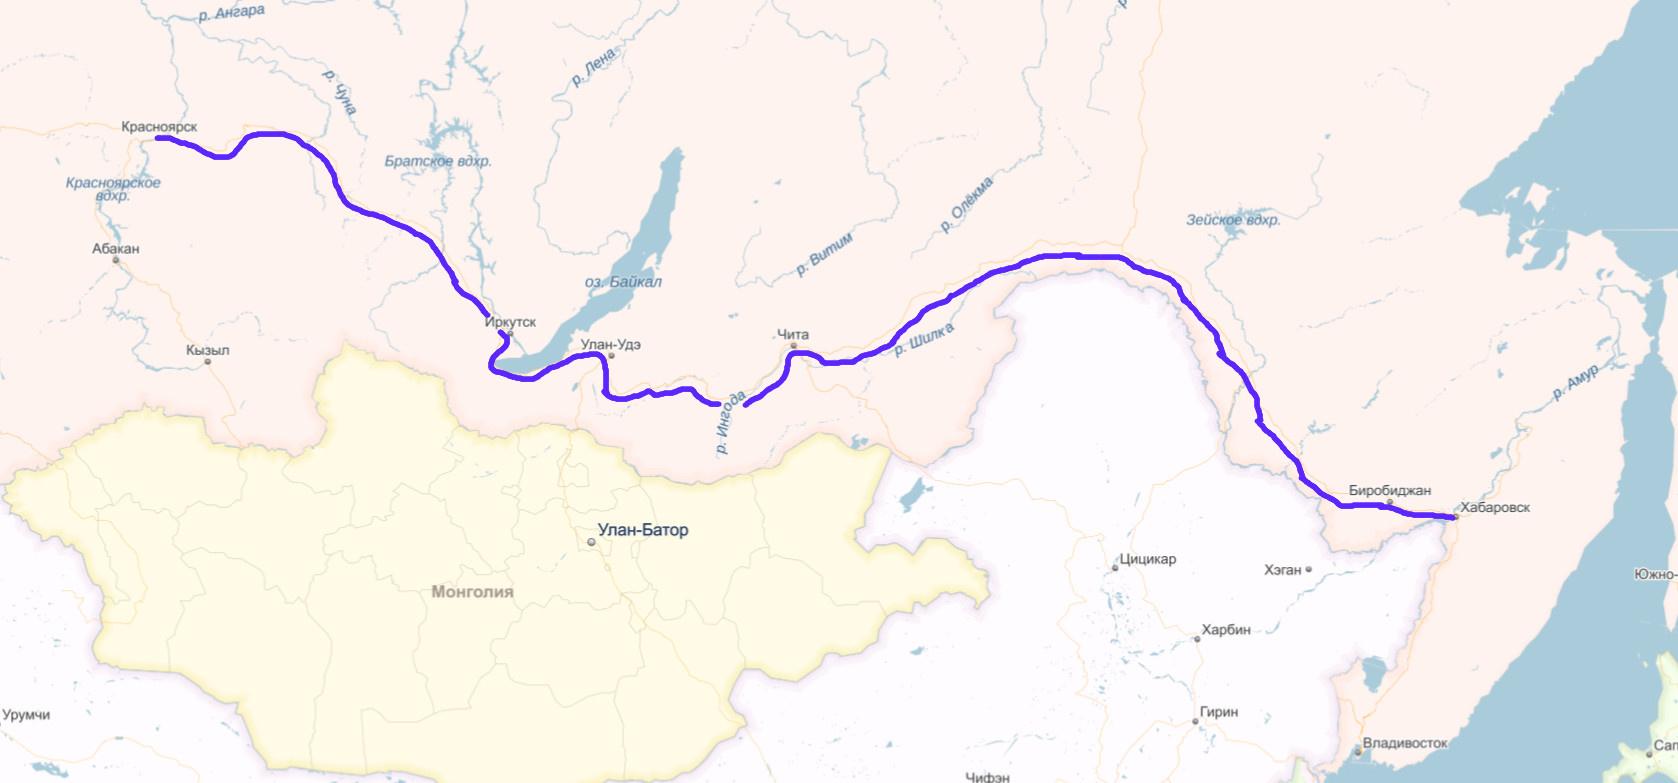 МТС построила новую оптическую линию связи между Сибирью и Дальним Востоком